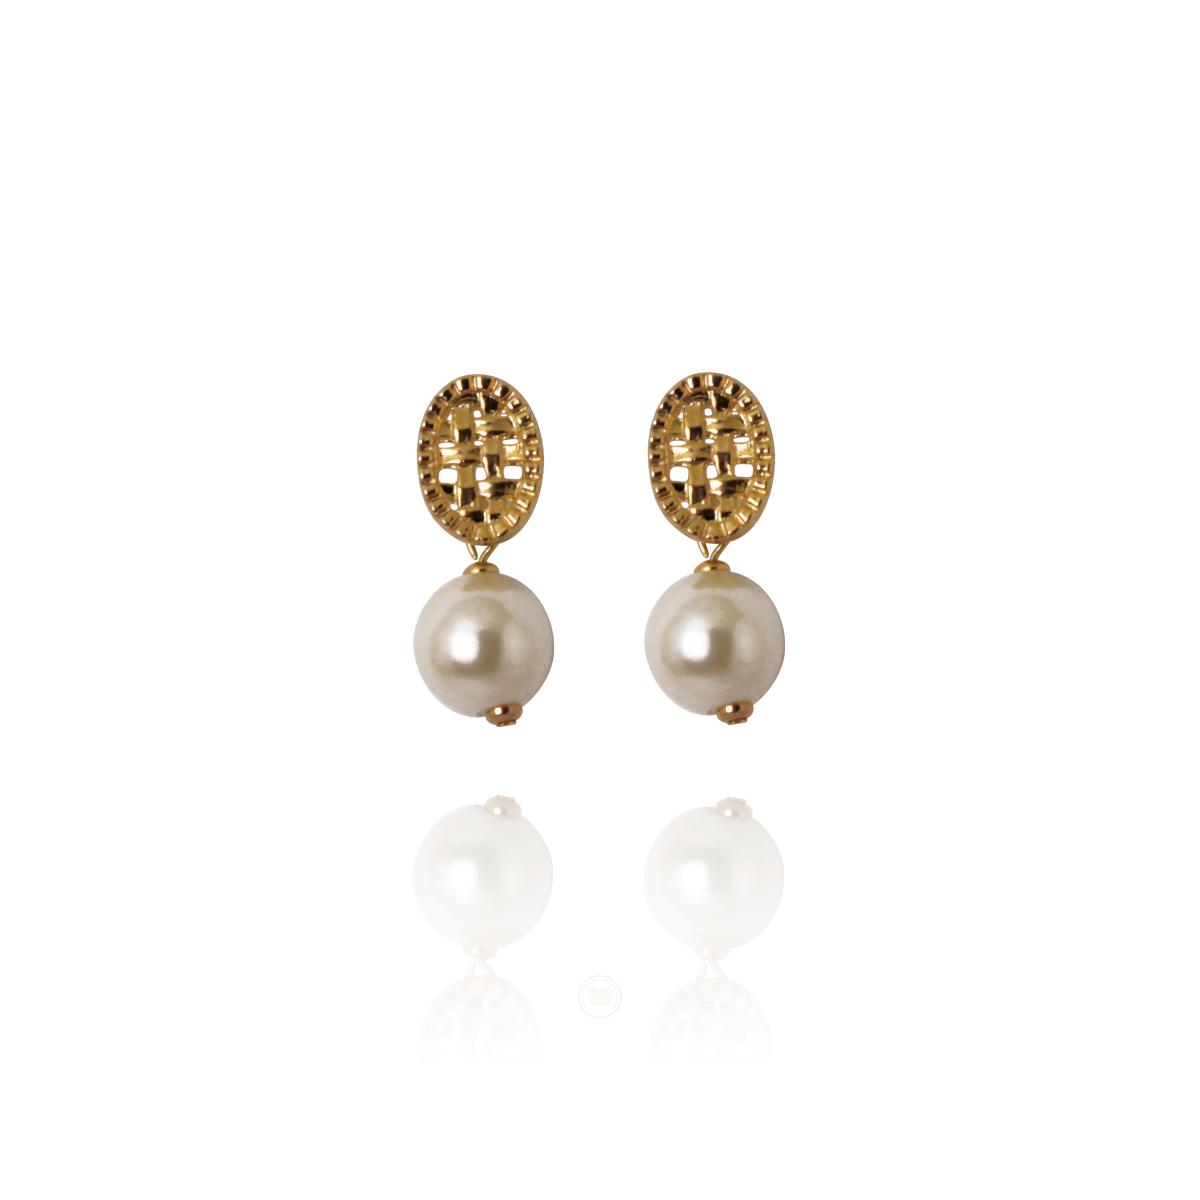 Brinco Barbara Strauss Semi Joia Muizenberg De Pérola Lalique, Rev. Em Ouro 18K